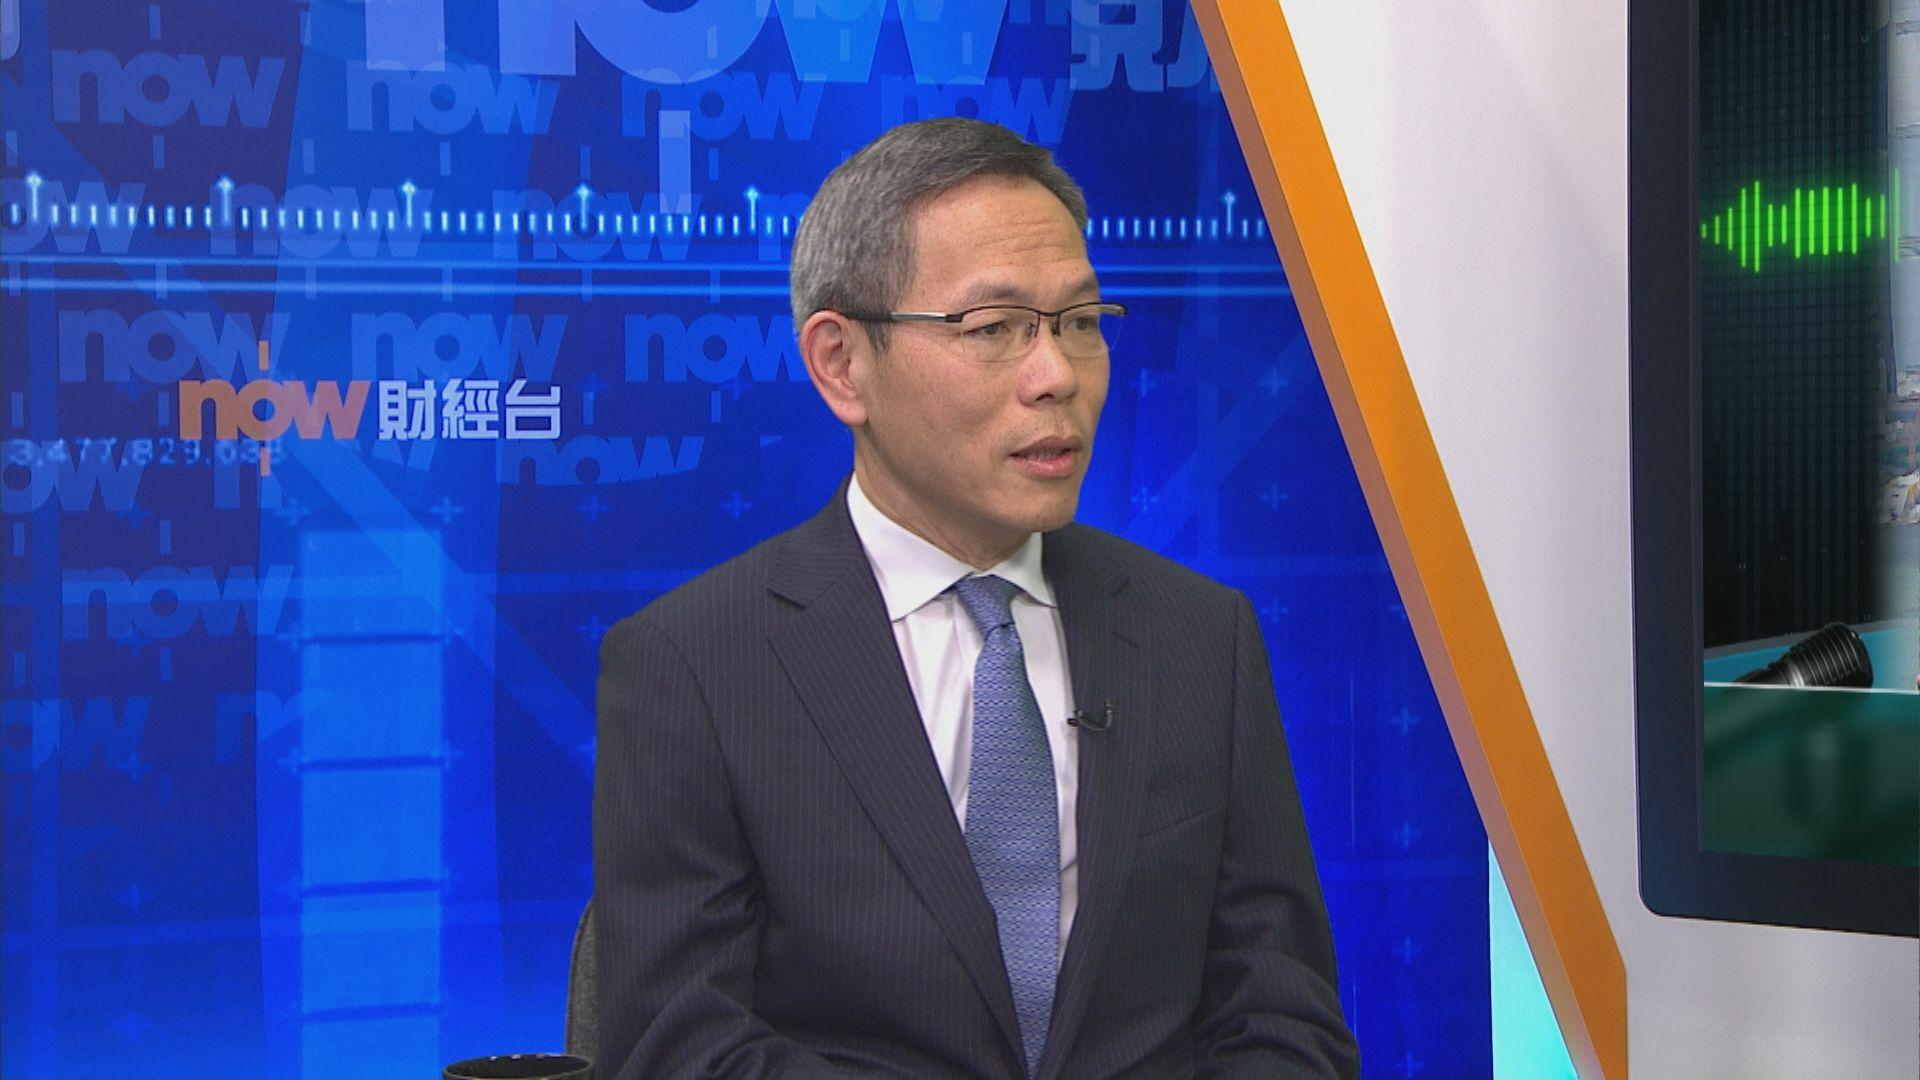 劉澤星:大學醫生放寬安排應與醫管局一致